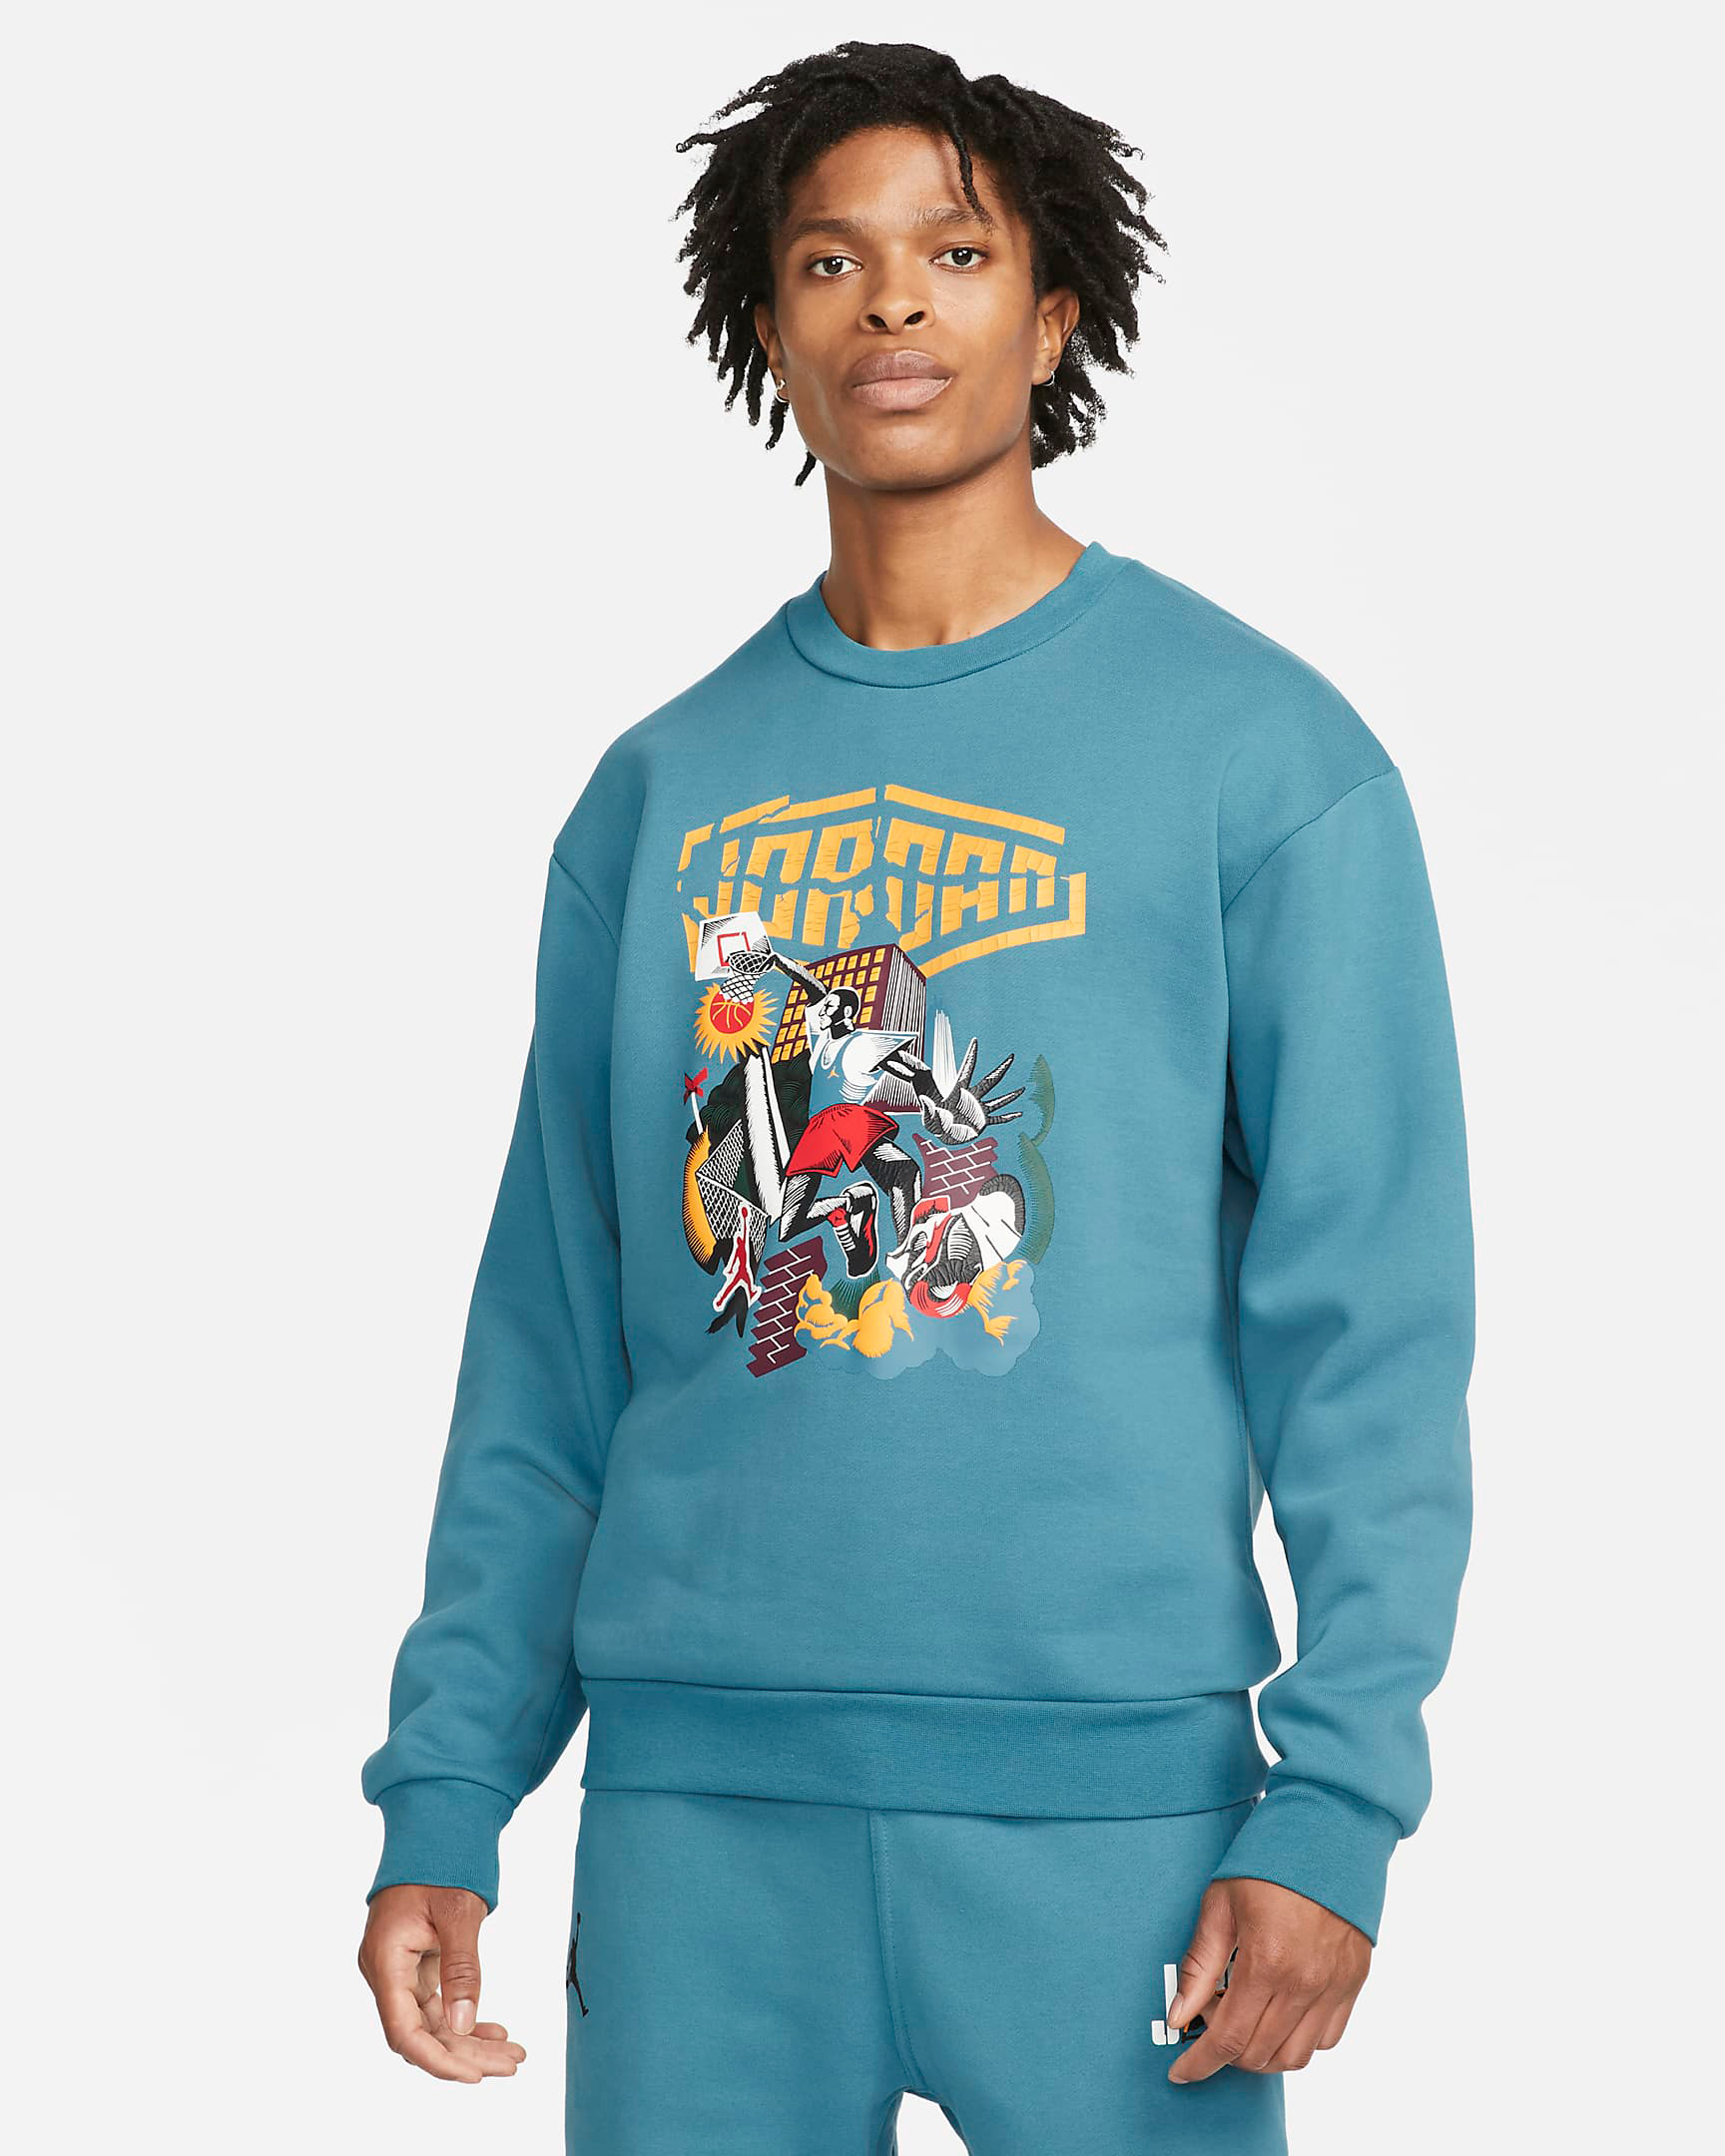 jordan-rift-blue-sport-dna-sweatshirt-1